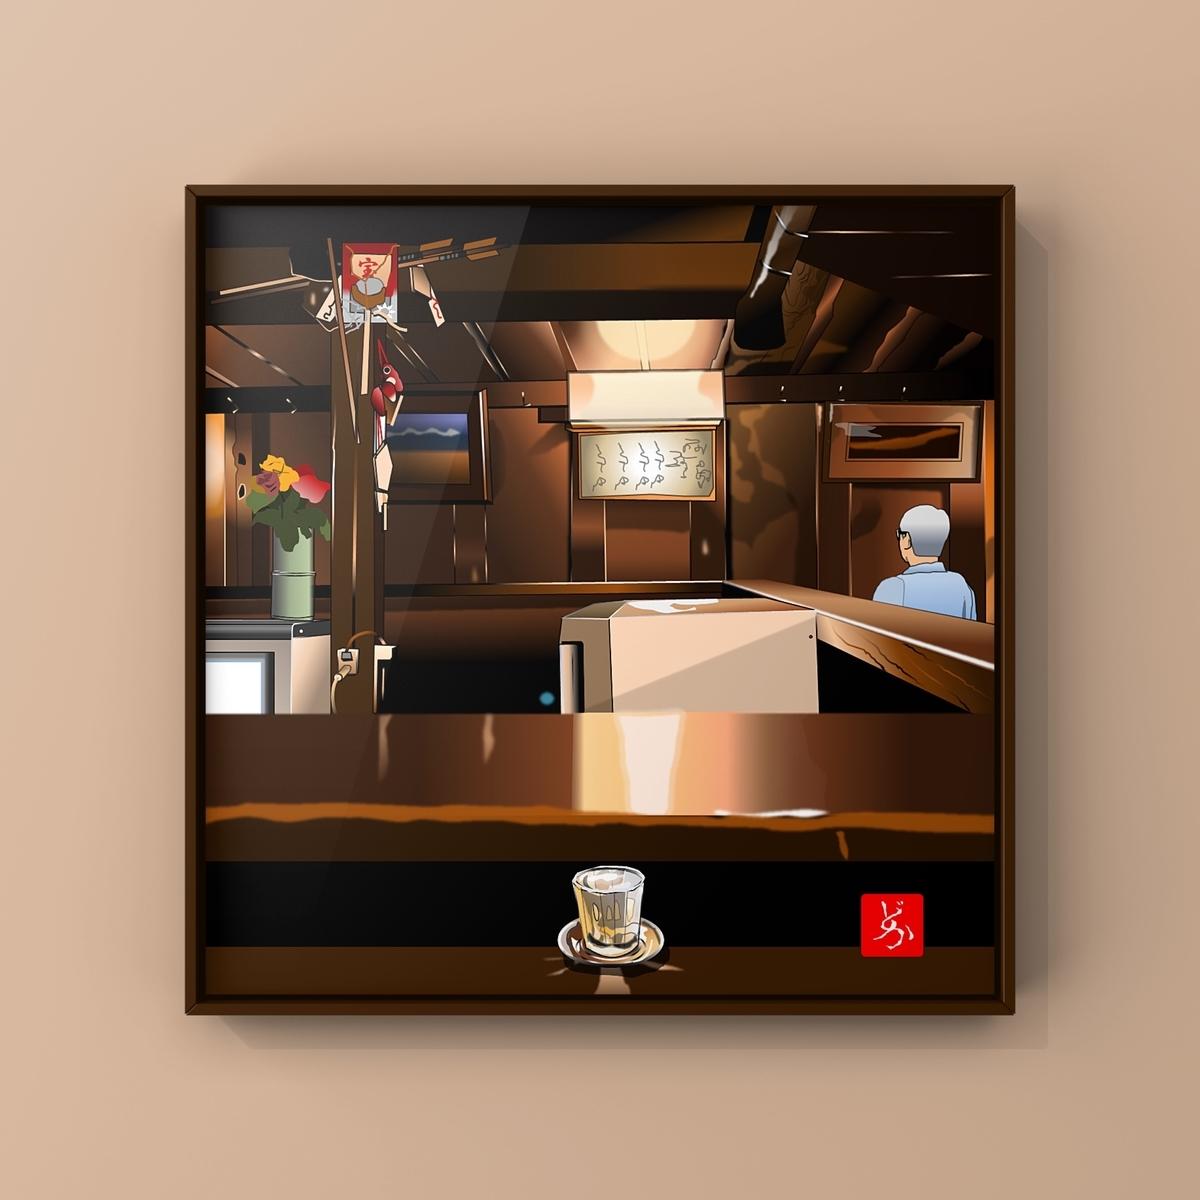 仙台文化横丁の居酒屋「源氏」のエクセル画額装版